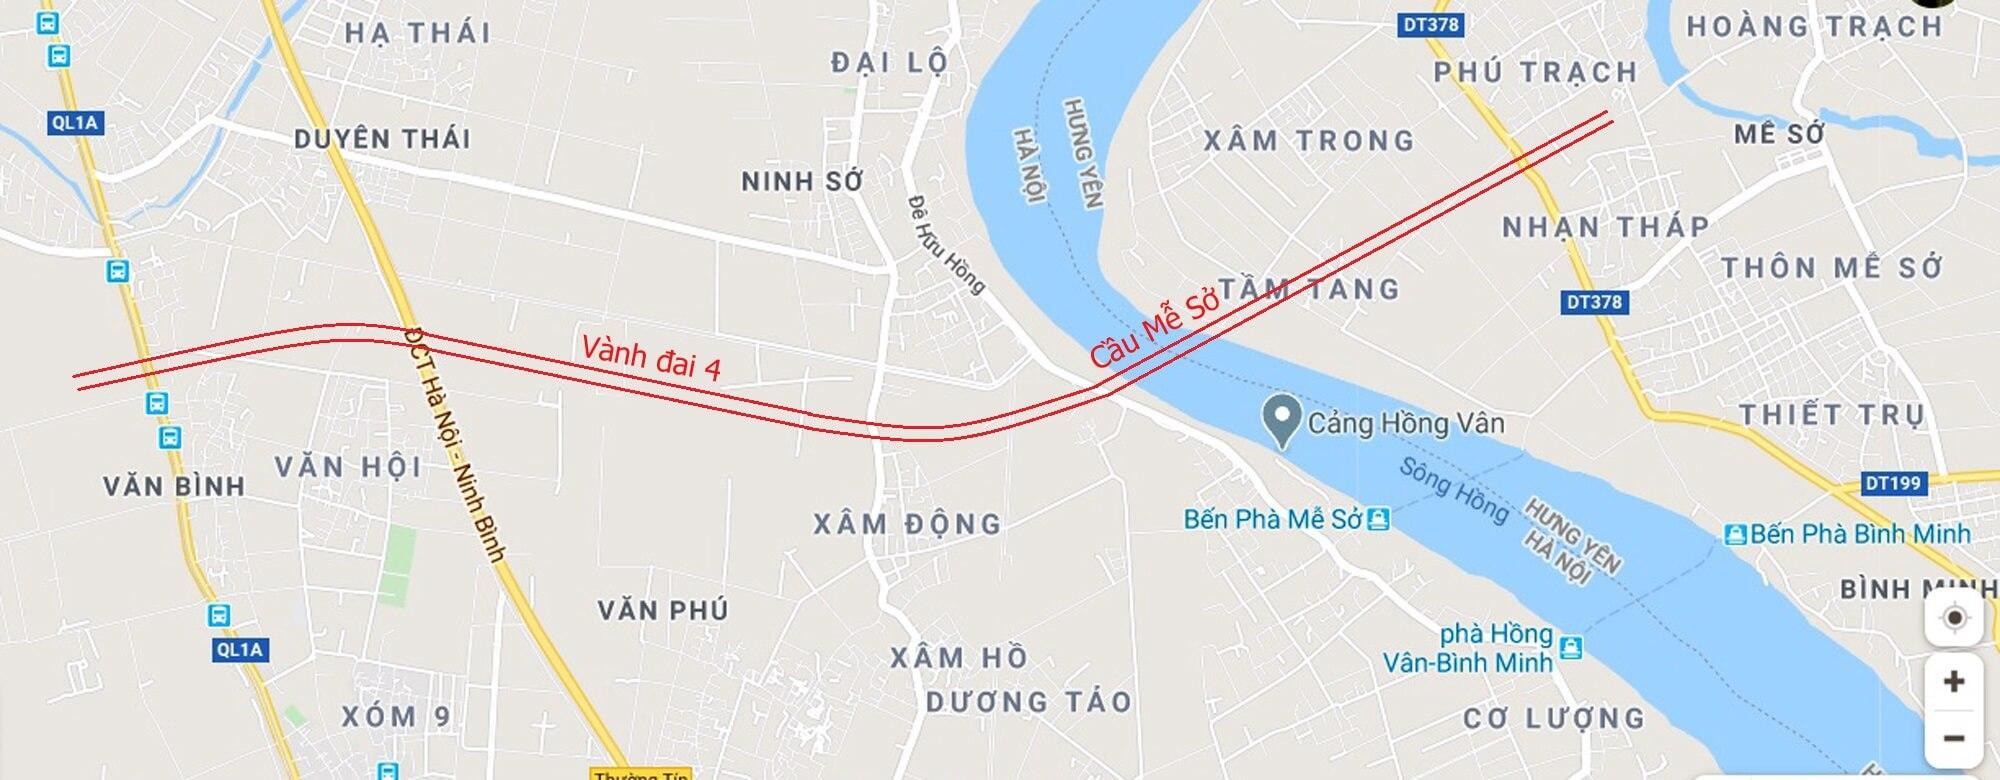 Lộ trình đường đi của cầu Mễ Sở.